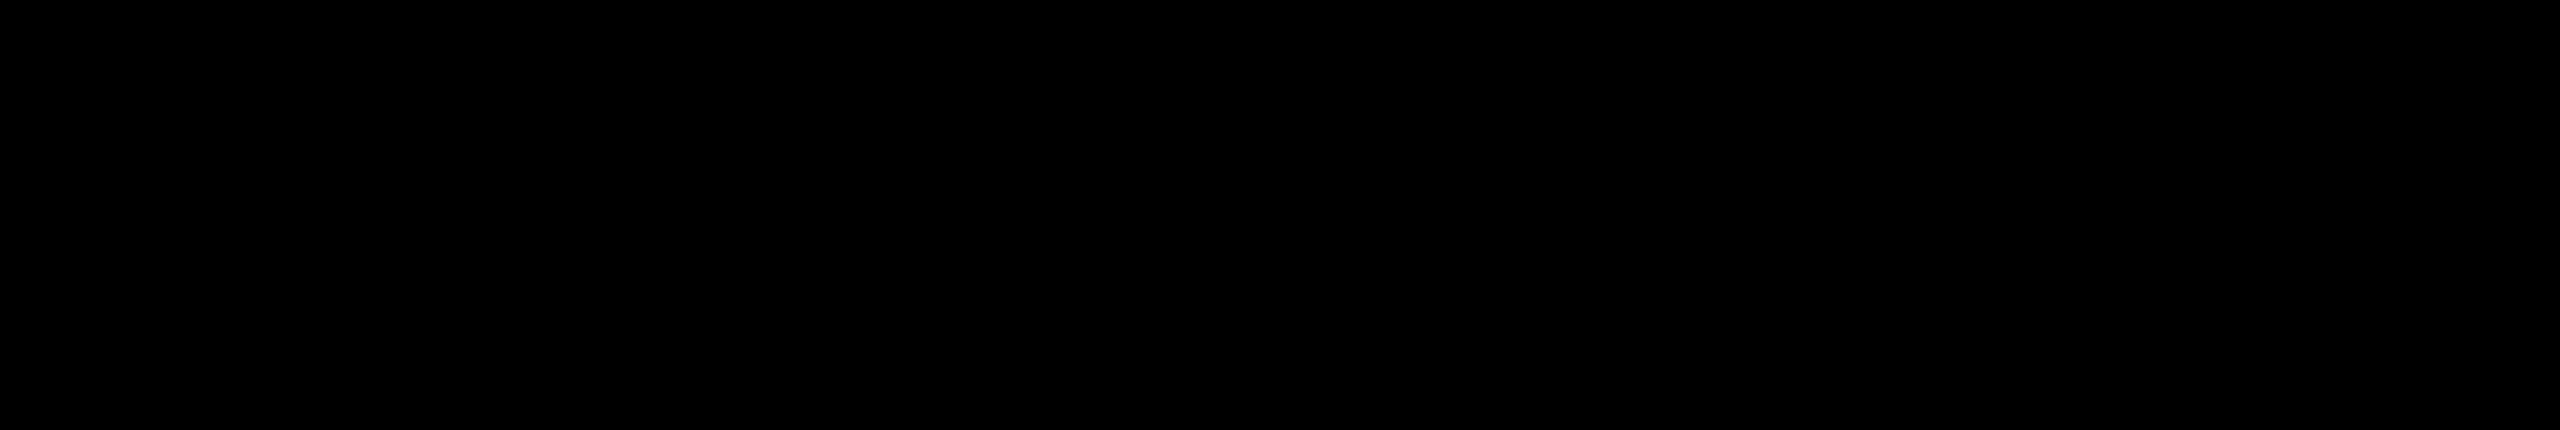 The Major Scale Formula